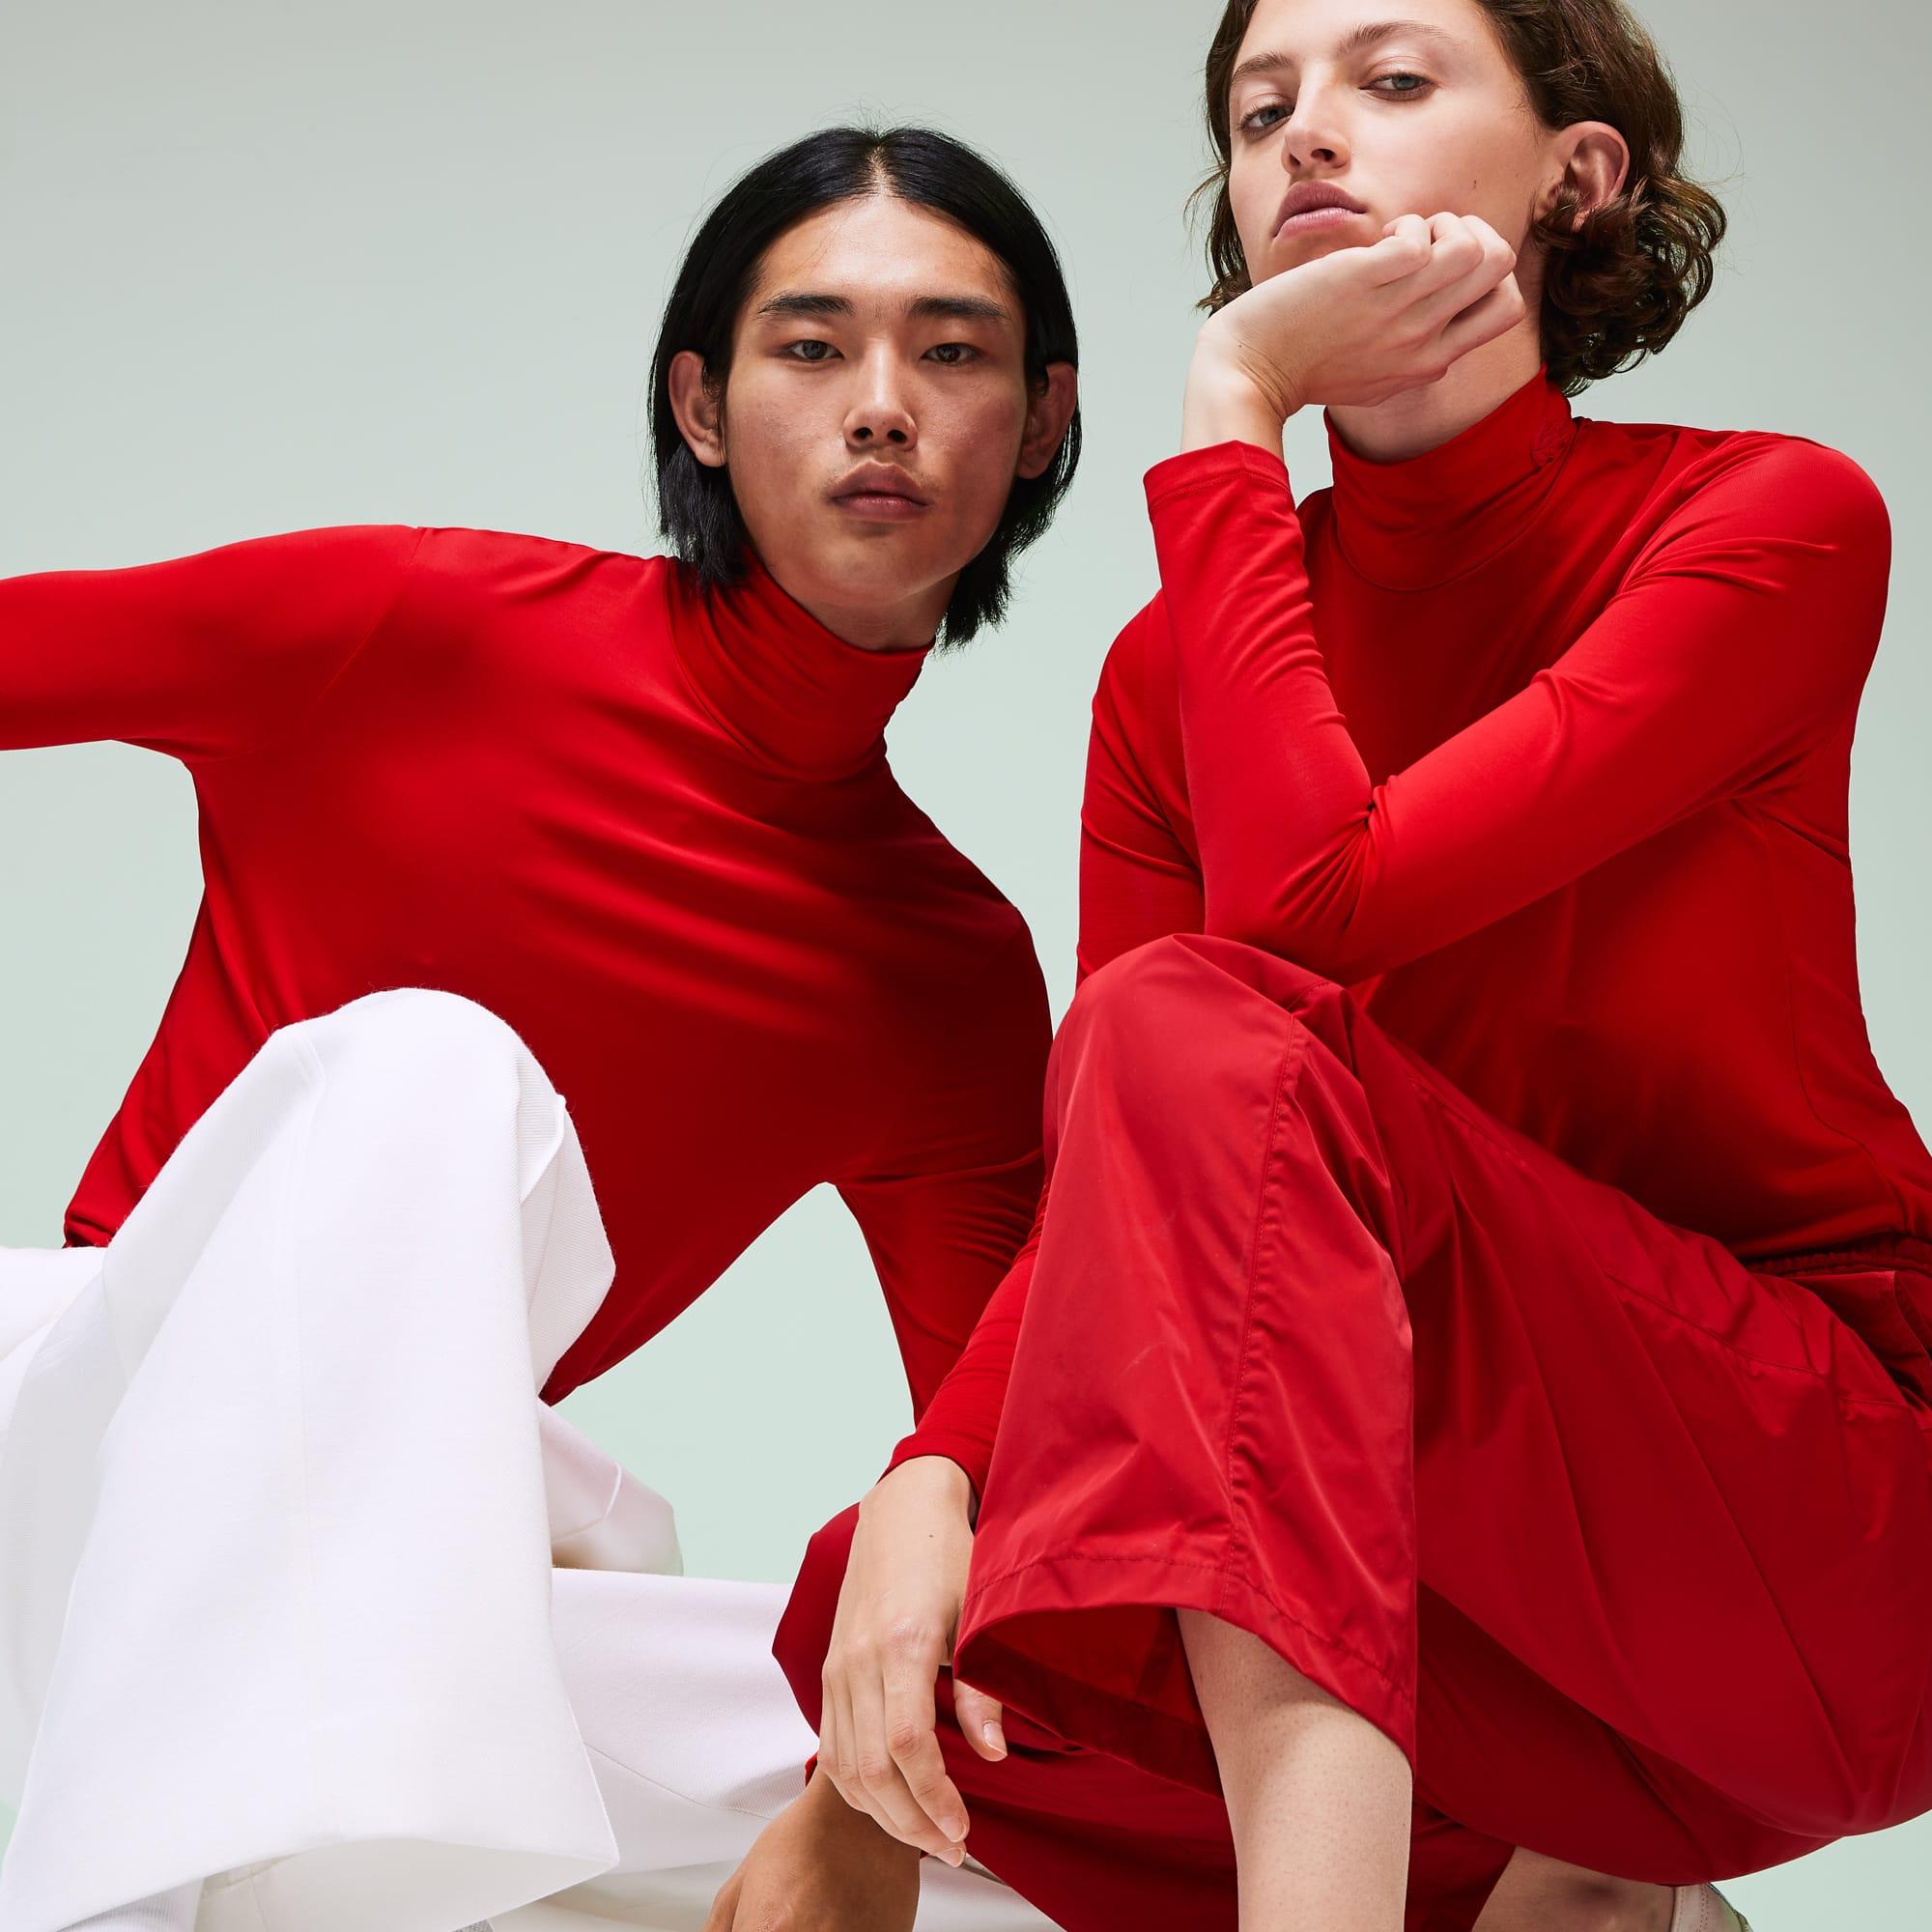 Lacoste T-shirt à col roulé unisexe Édition Défilé en jersey Taille 6 - XL Rouge